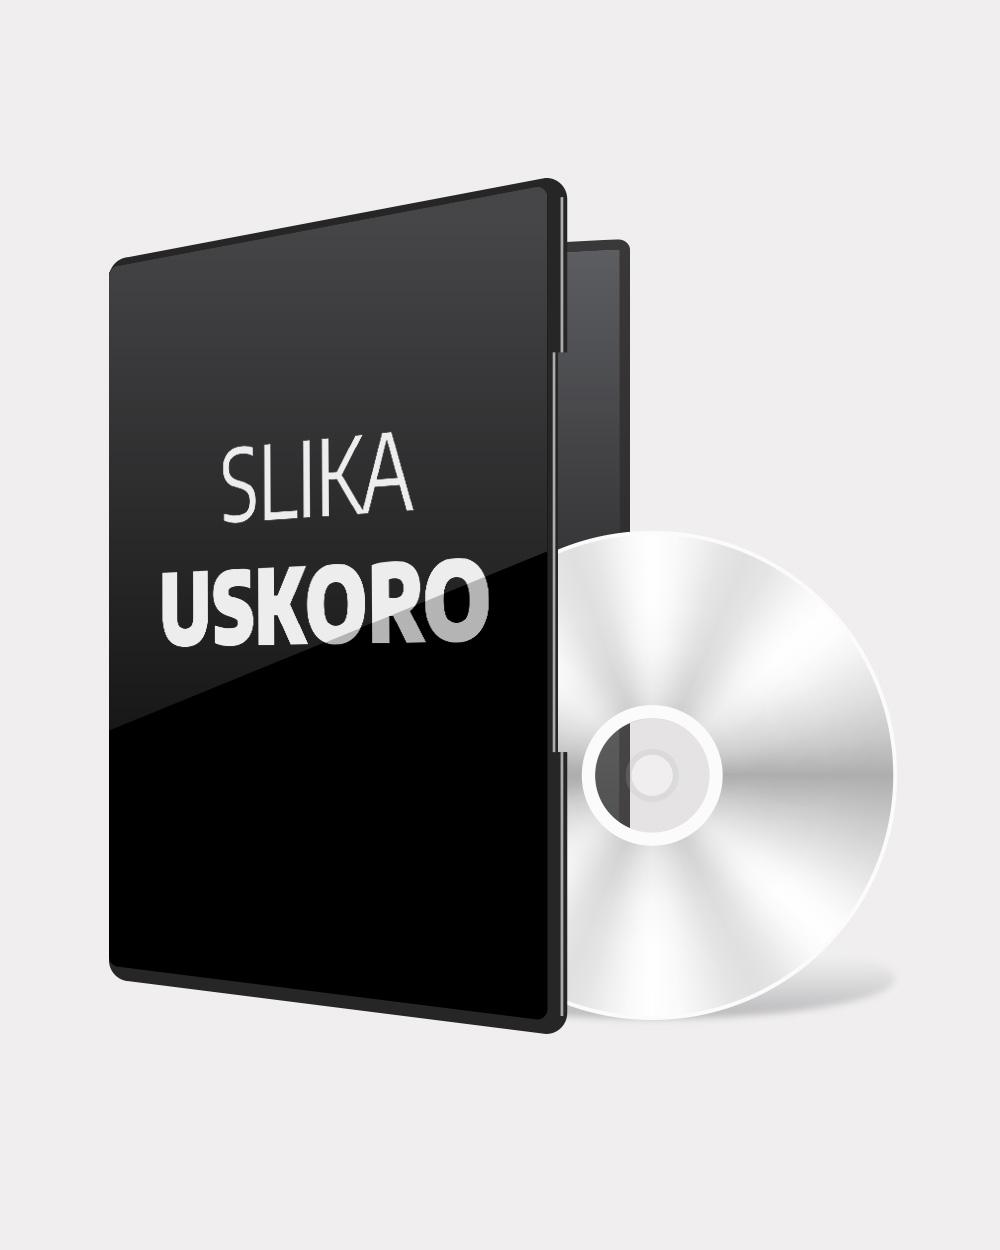 XBOX ONE MXGP 19